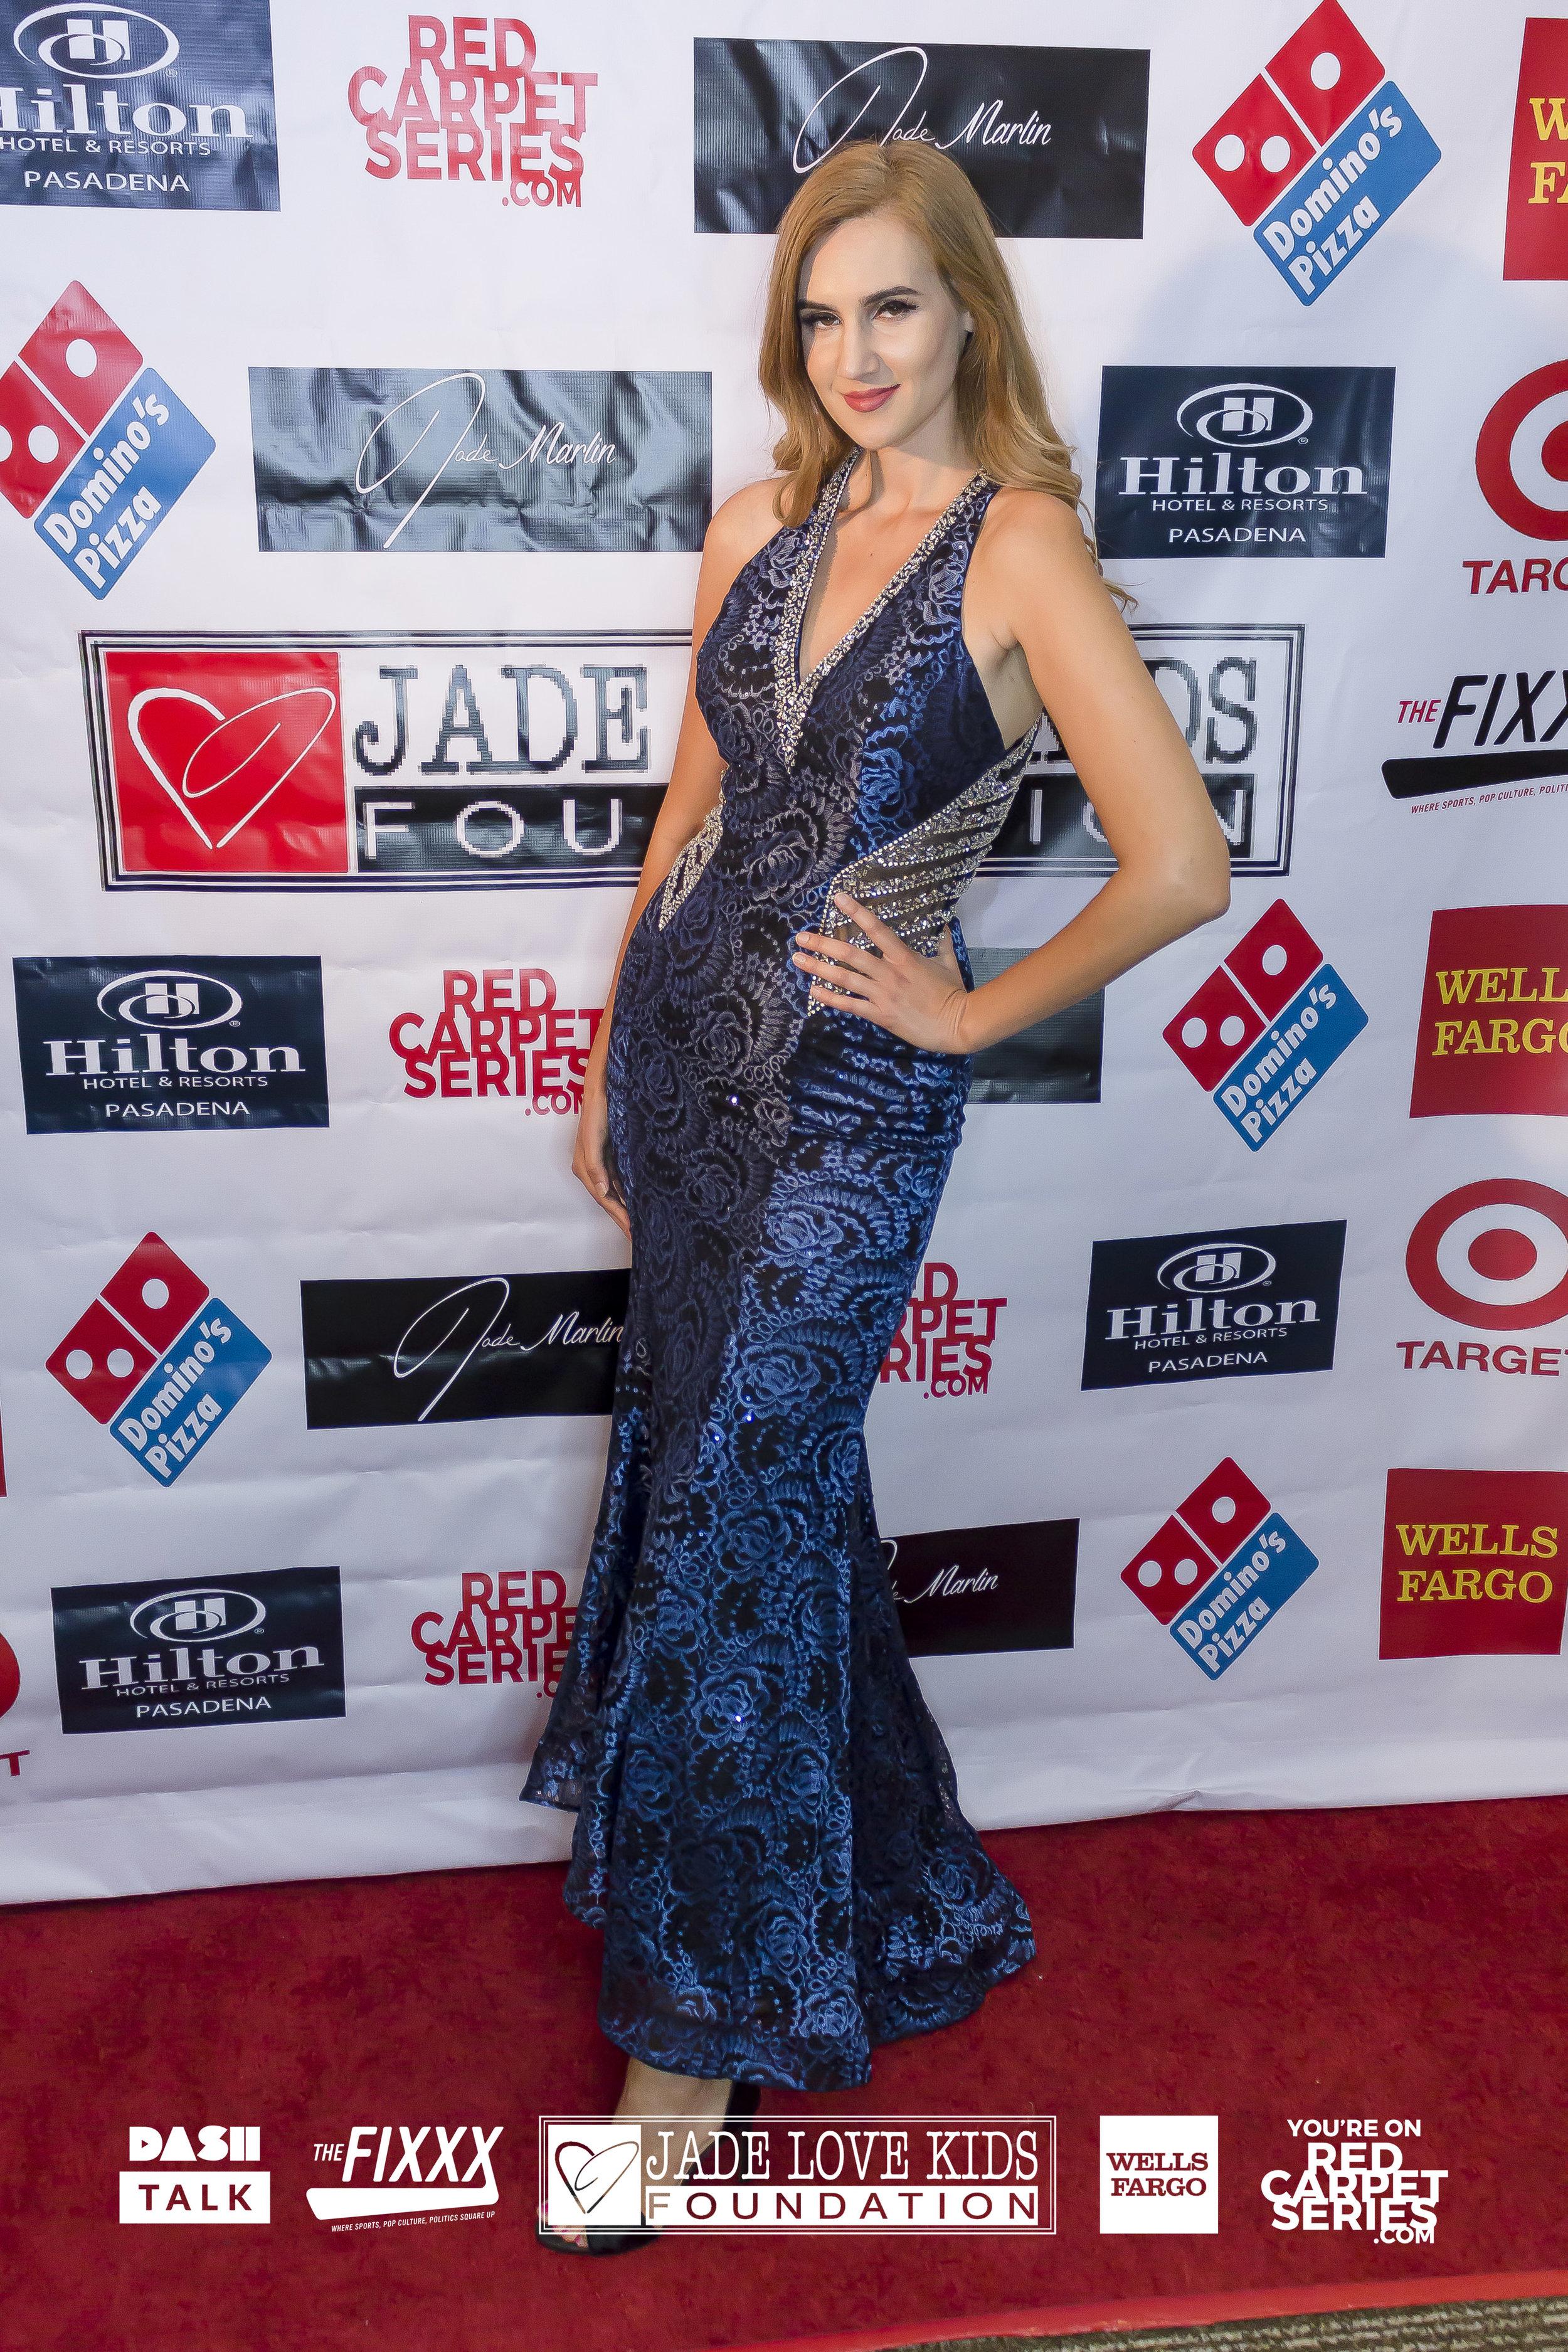 Jade Love Kids Foundation - 12-01-18 - Round 1_19.jpg